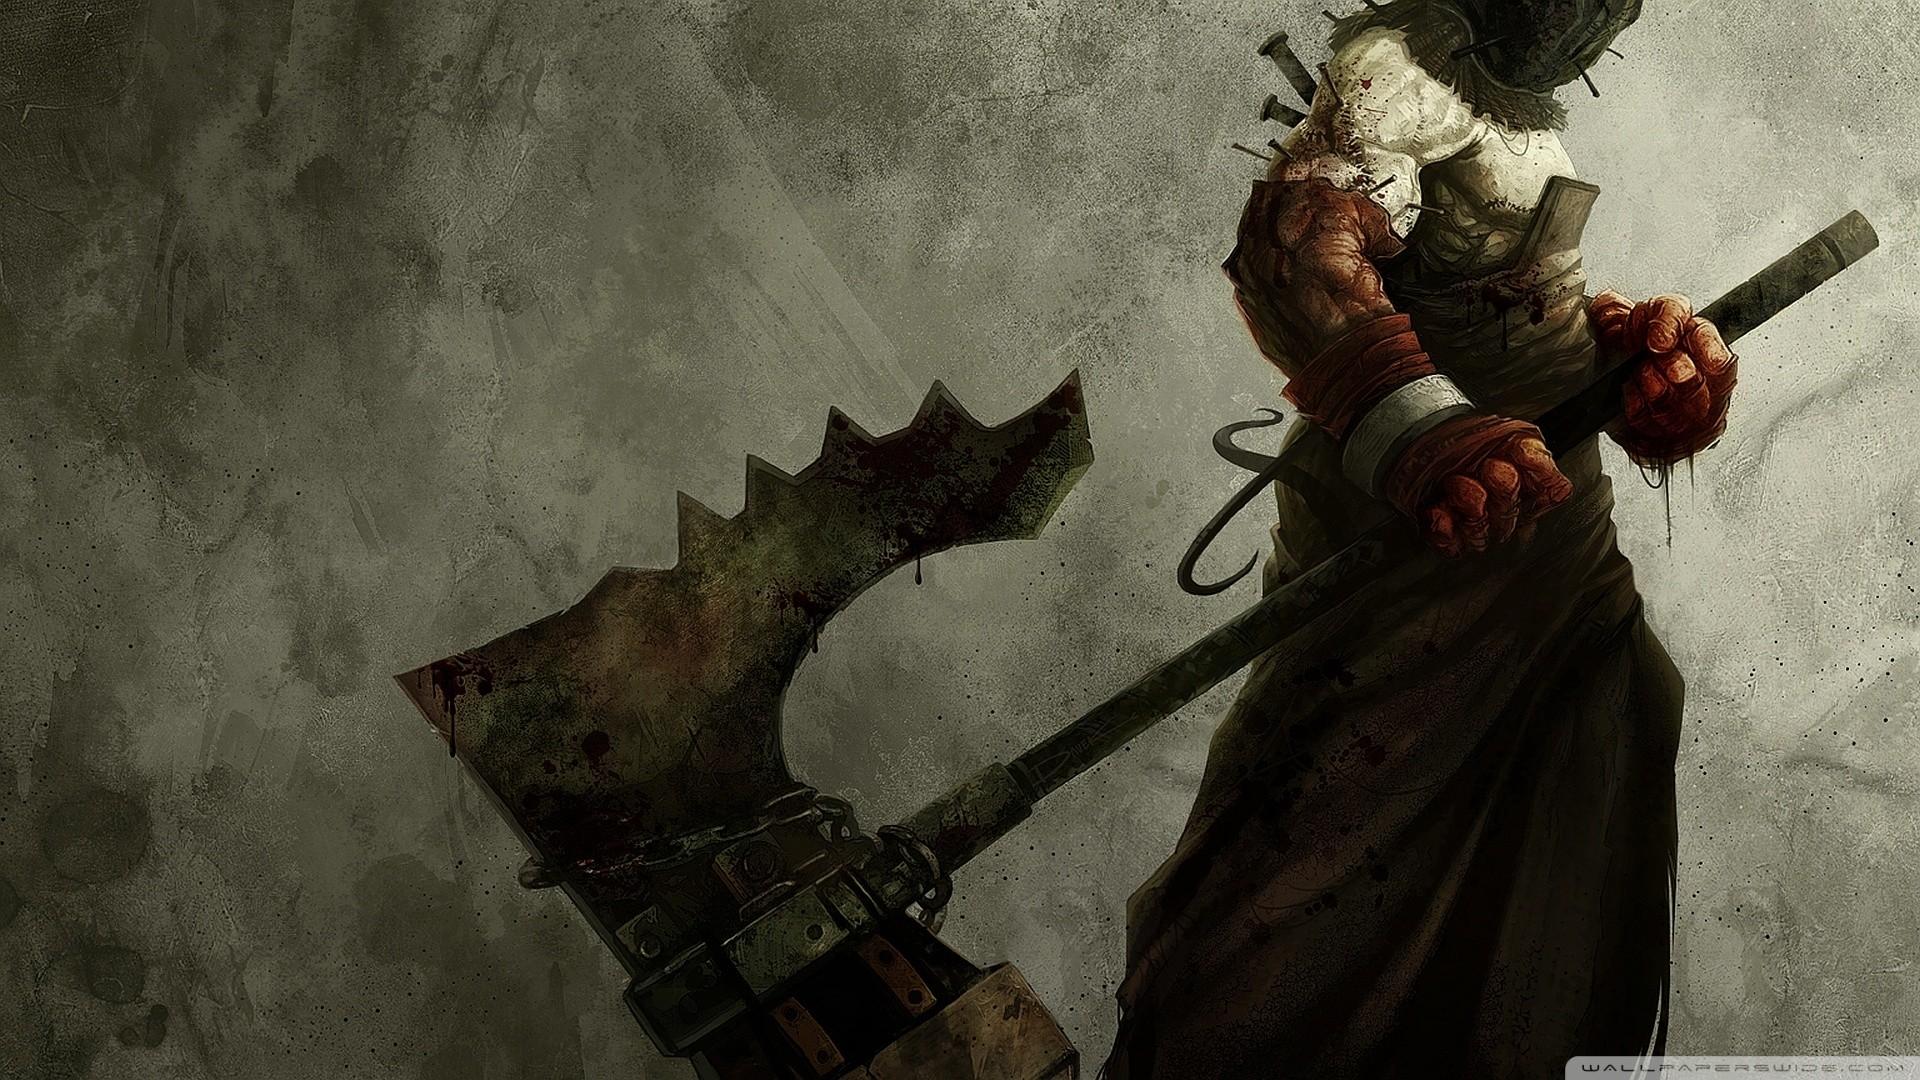 Resident Evil Art HD Wide Wallpaper for Widescreen